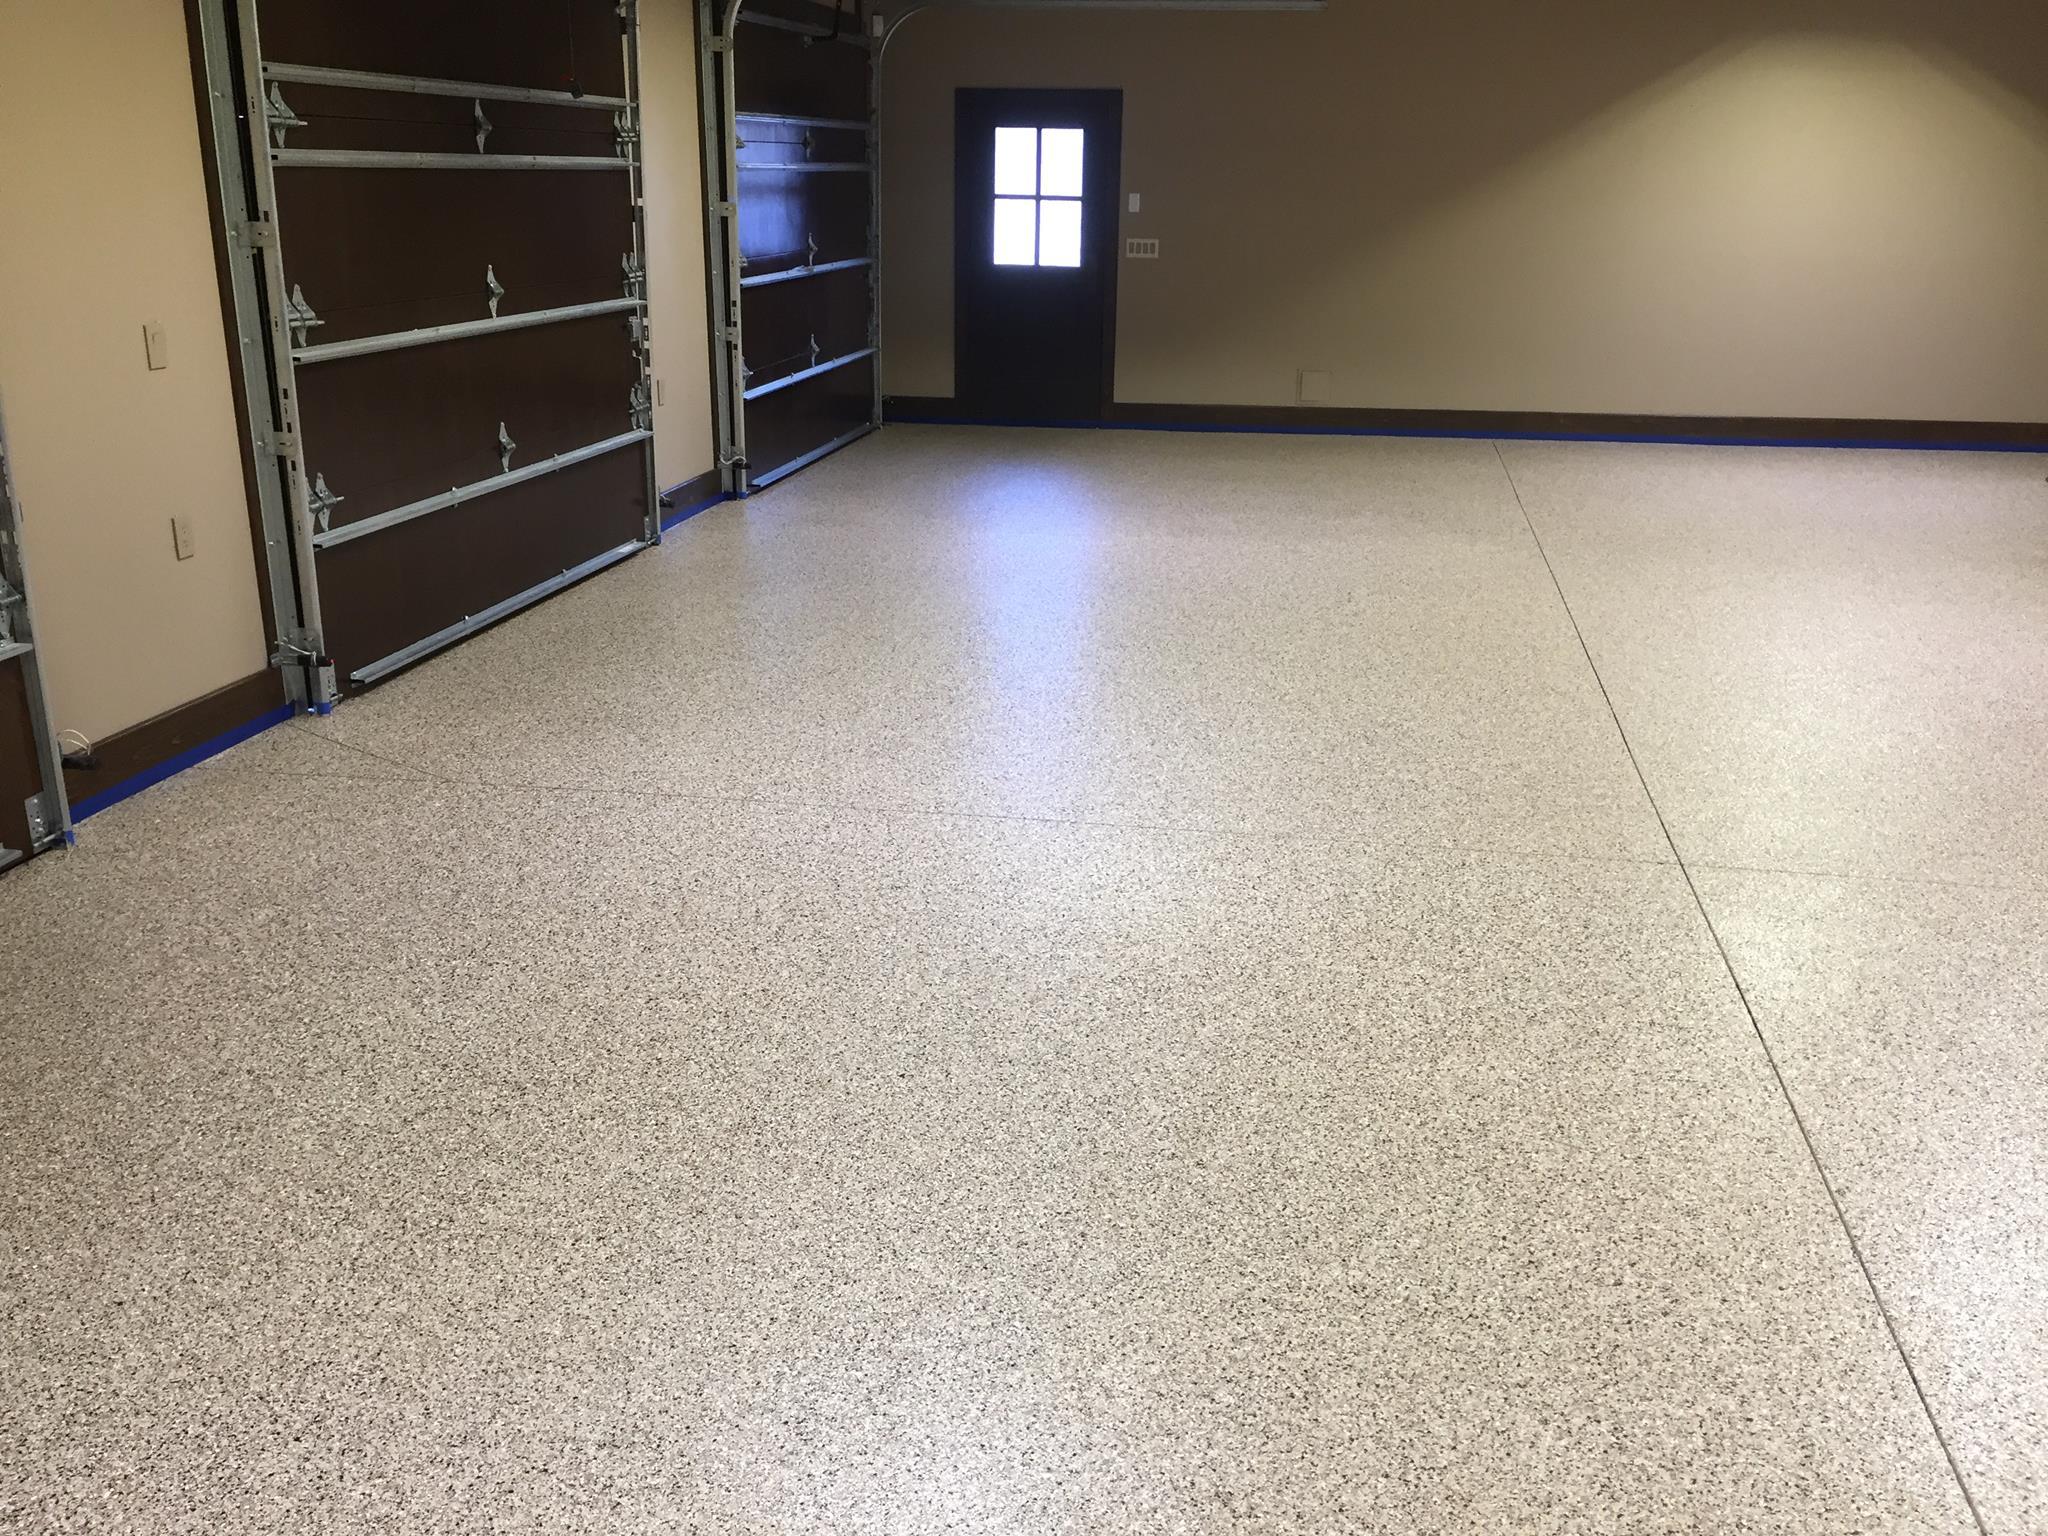 vinyl flooring custom corvette where derkee the garage storage industry going imaged is